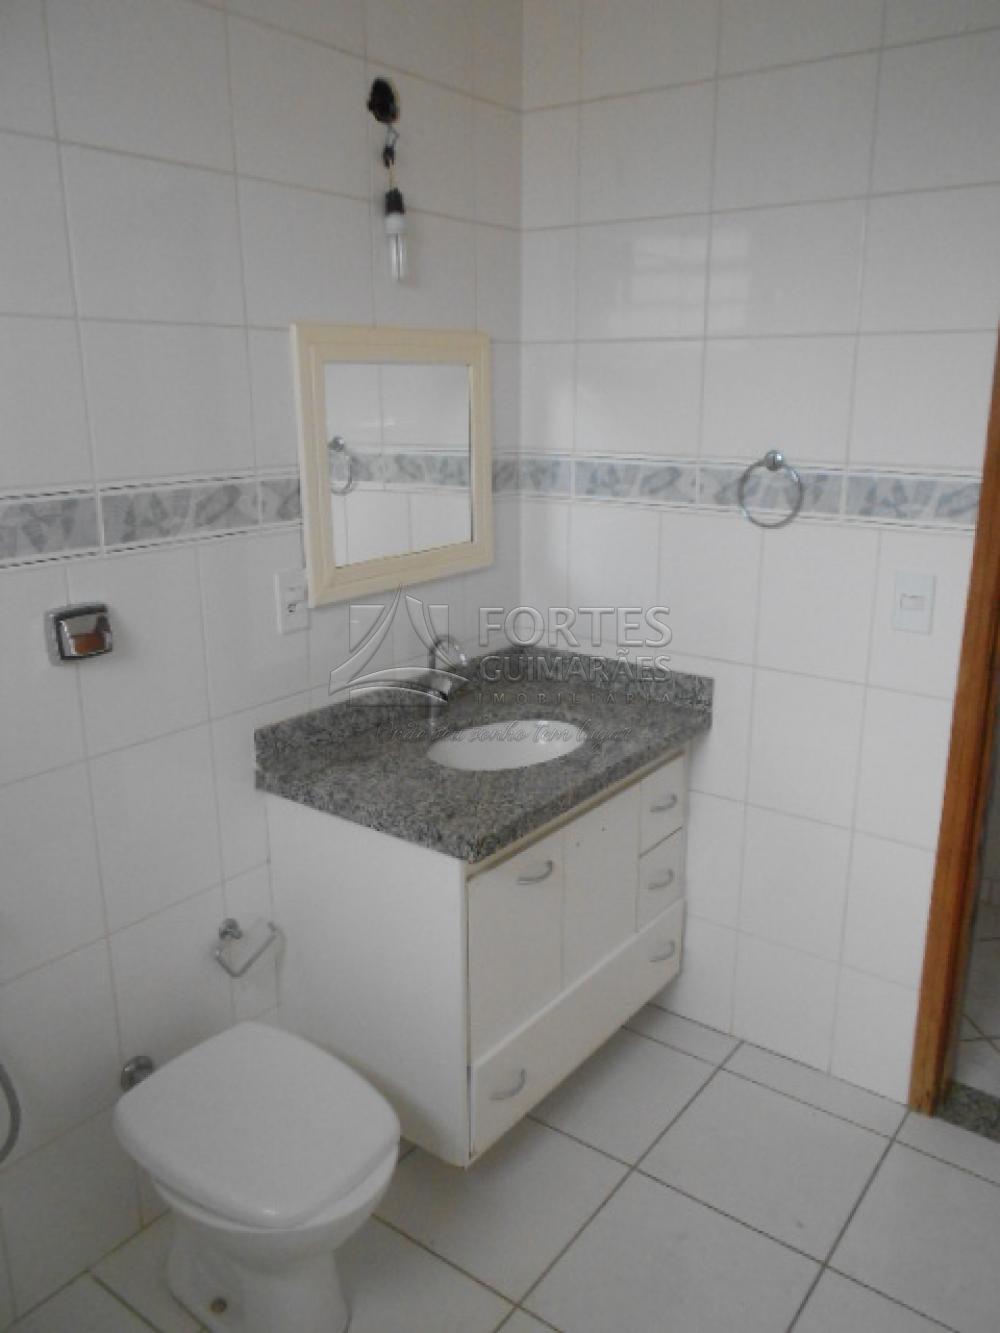 Alugar Casas / Padrão em Ribeirão Preto apenas R$ 12.000,00 - Foto 37